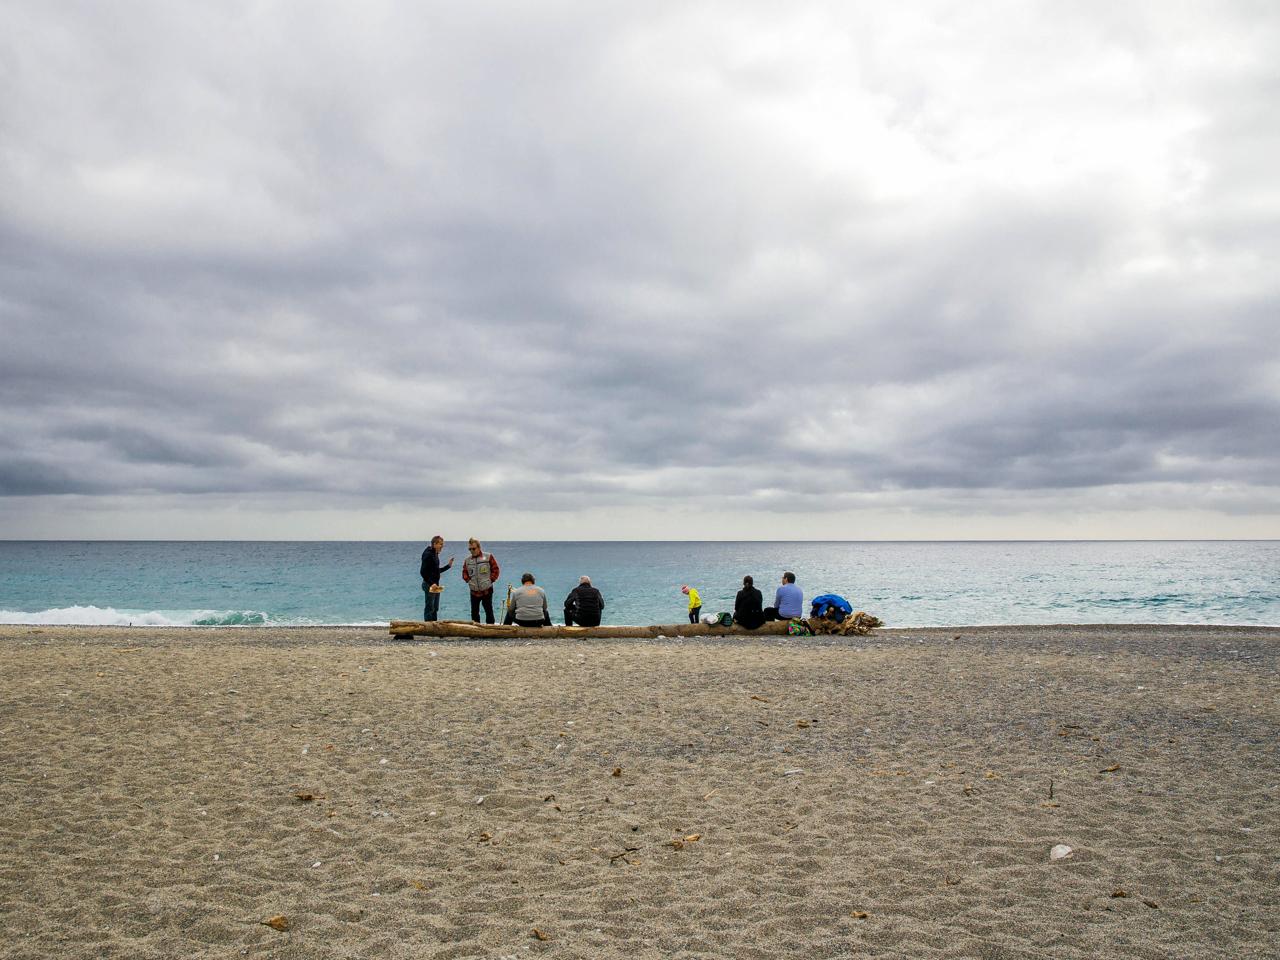 Strane storie sulla spiaggia